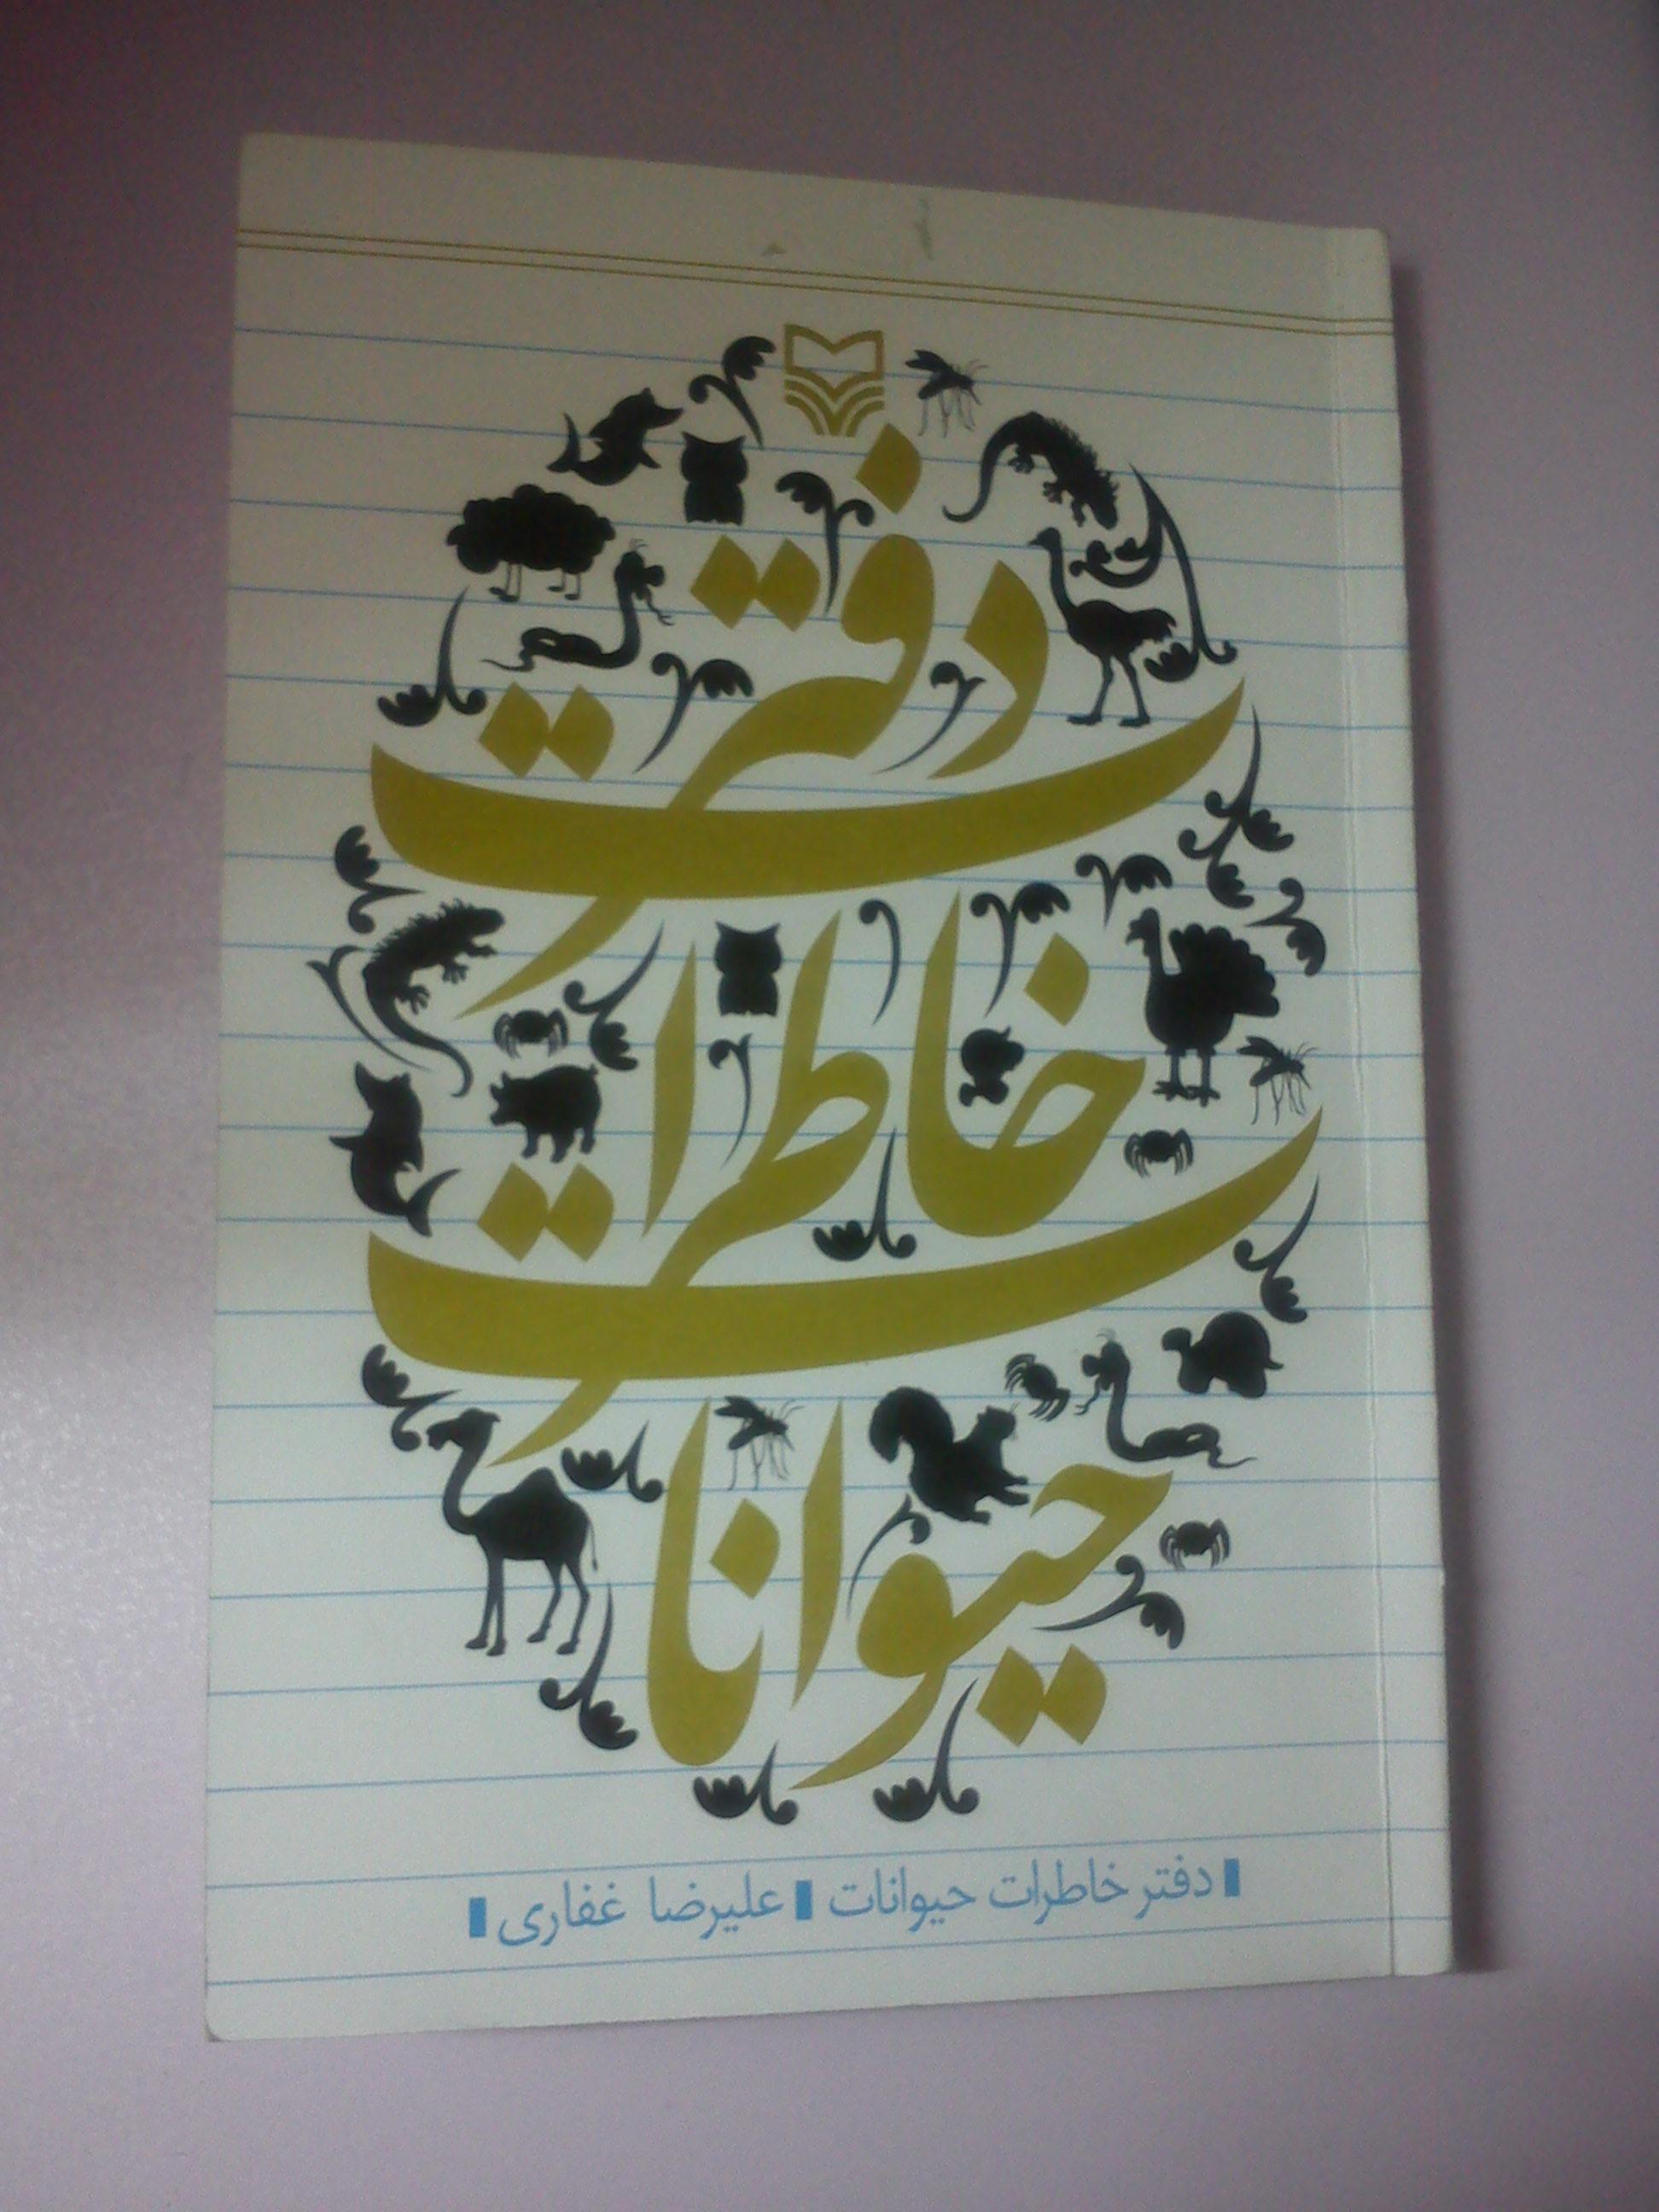 دفتر خاطرات حیوانات